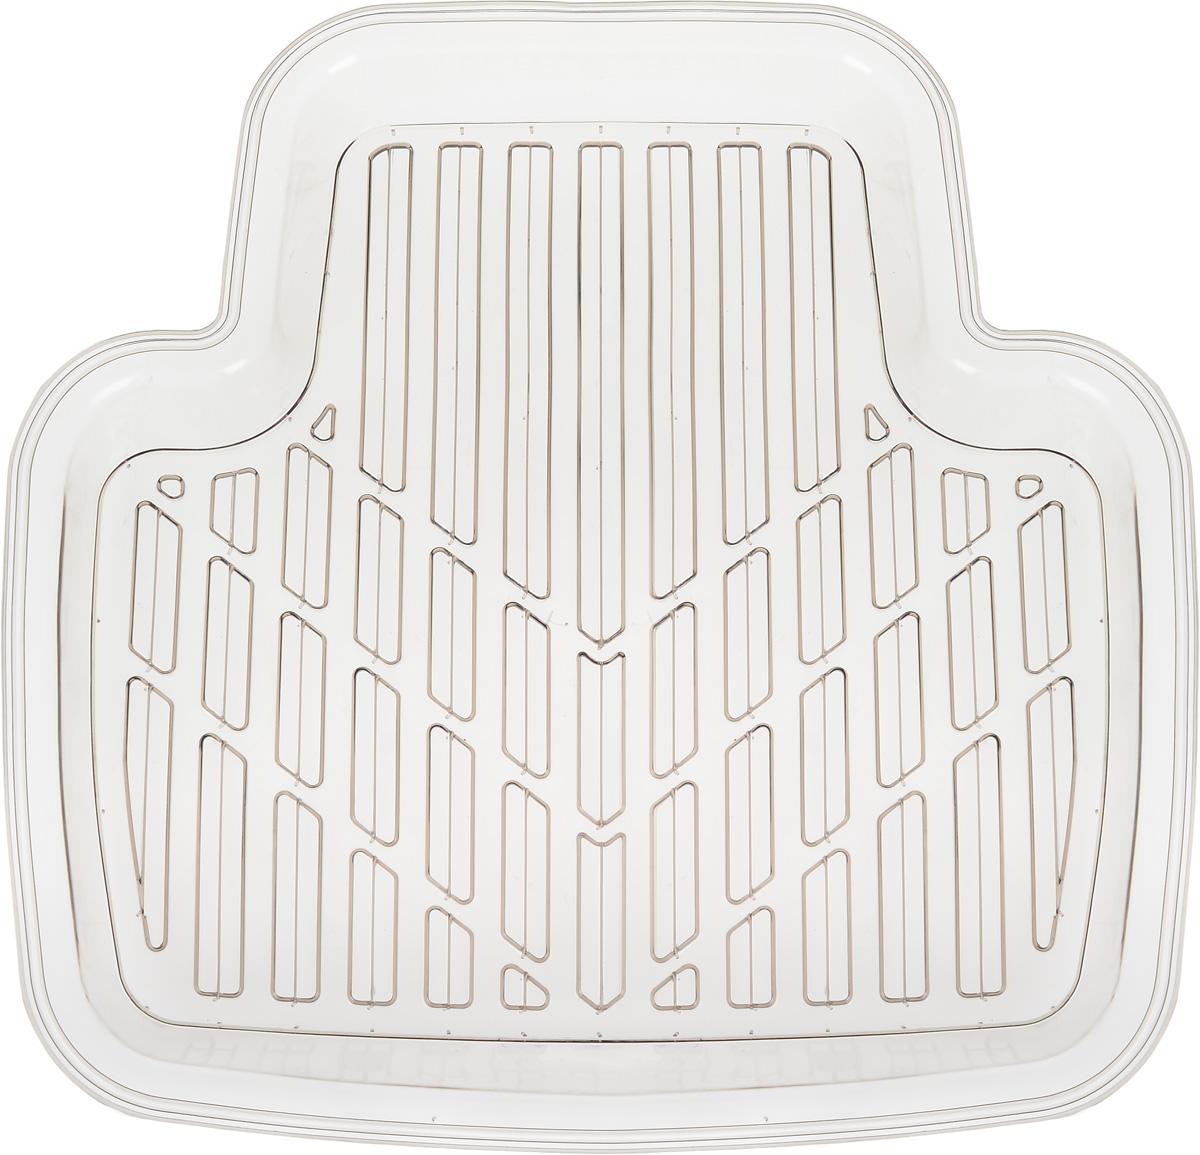 Коврик автомобильный Autoprofi, универсальный, цвет: дымчатый, 45 х 46 смPRO-160r SmokeКоврик-ванночка для заднего ряда Autoprofi изготовлен из прозрачного ПВХ. Т-образная форма и оптимальный размер изделия позволяют укладывать коврик между полозьями передних сидений, благодаря чему изделие эффективно защищает от влаги и грязи салон автомобиля. Коврик предназначен для всесезонного использования. Высококачественный ПВХ сохраняет эластичность даже при сильных морозах и обладает устойчивостью к агрессивным средам, таким как масло, топливо и дорожные реагенты.Температура использования: от -50°С до +50°С.